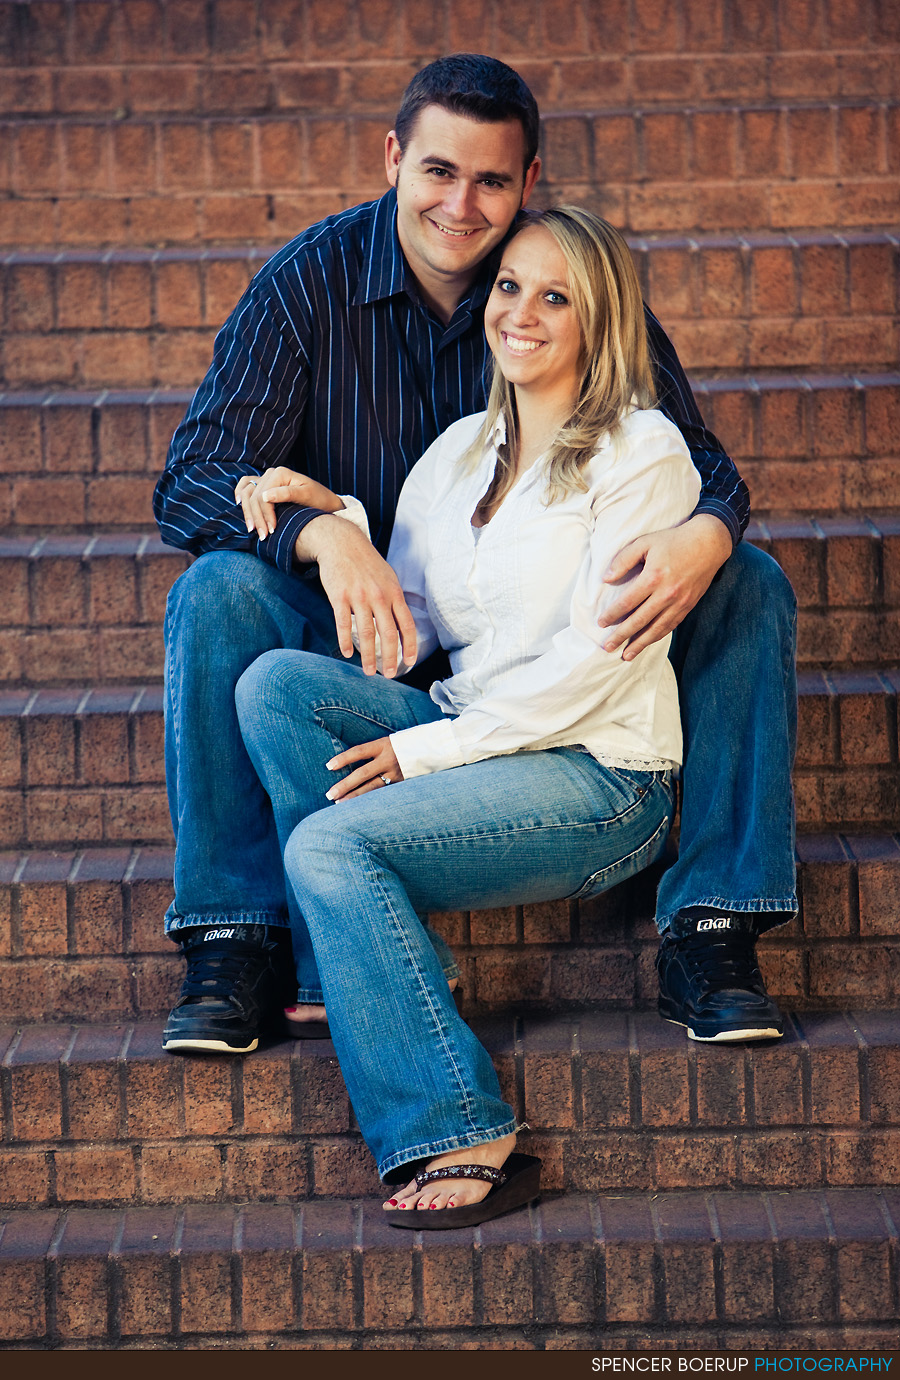 tucson engagement portrait wedding photography arizona asu ua